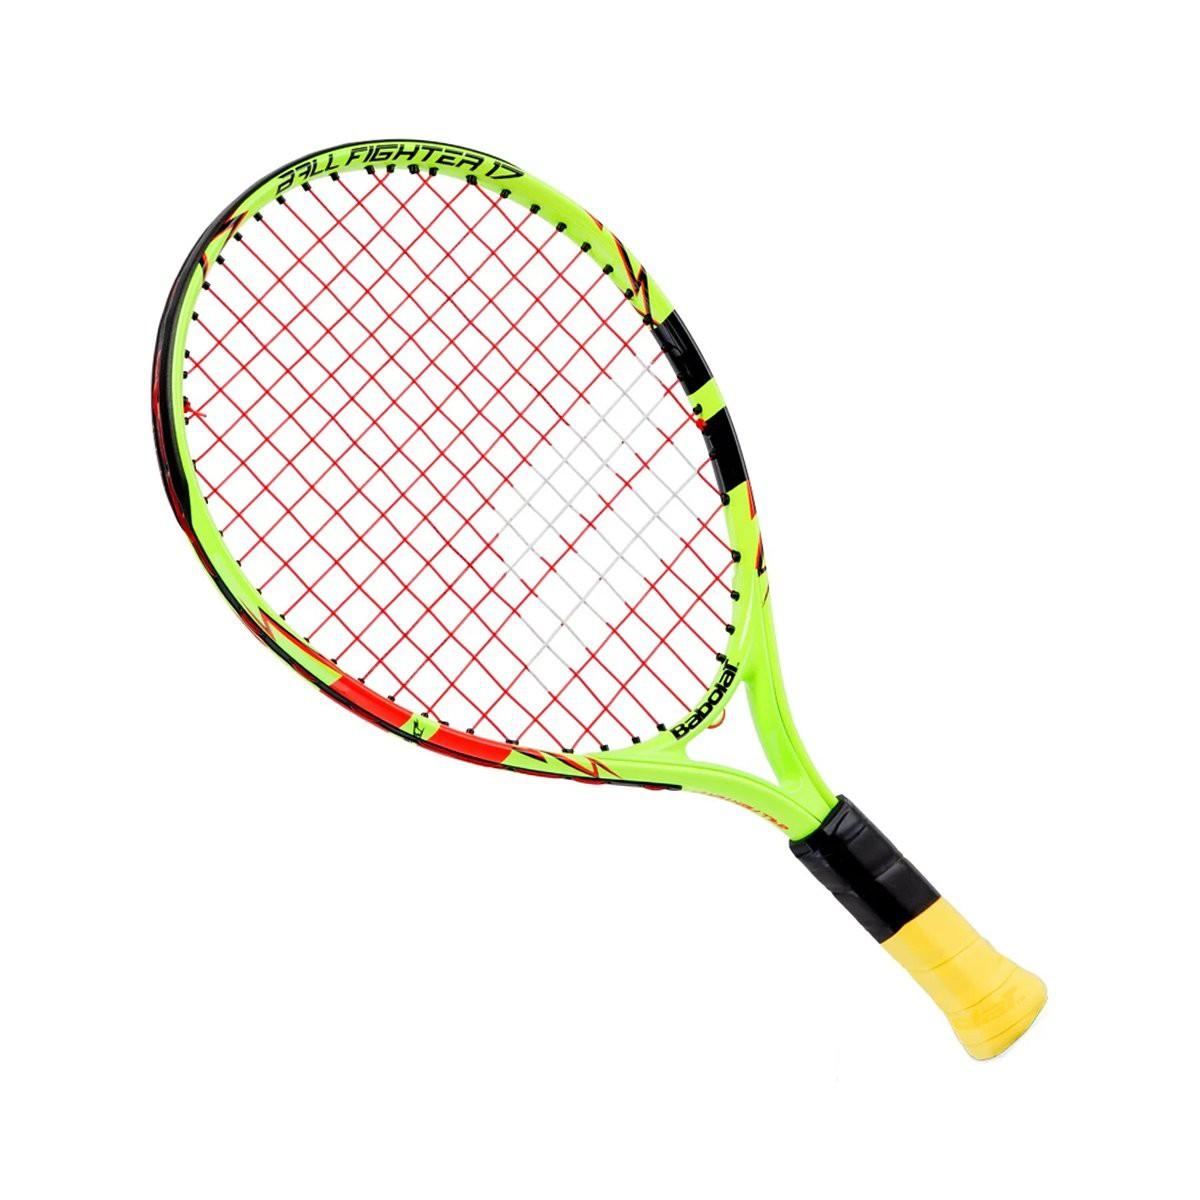 Raquete de Tenis Babolat Infantil 17  Verde Ball Fighter